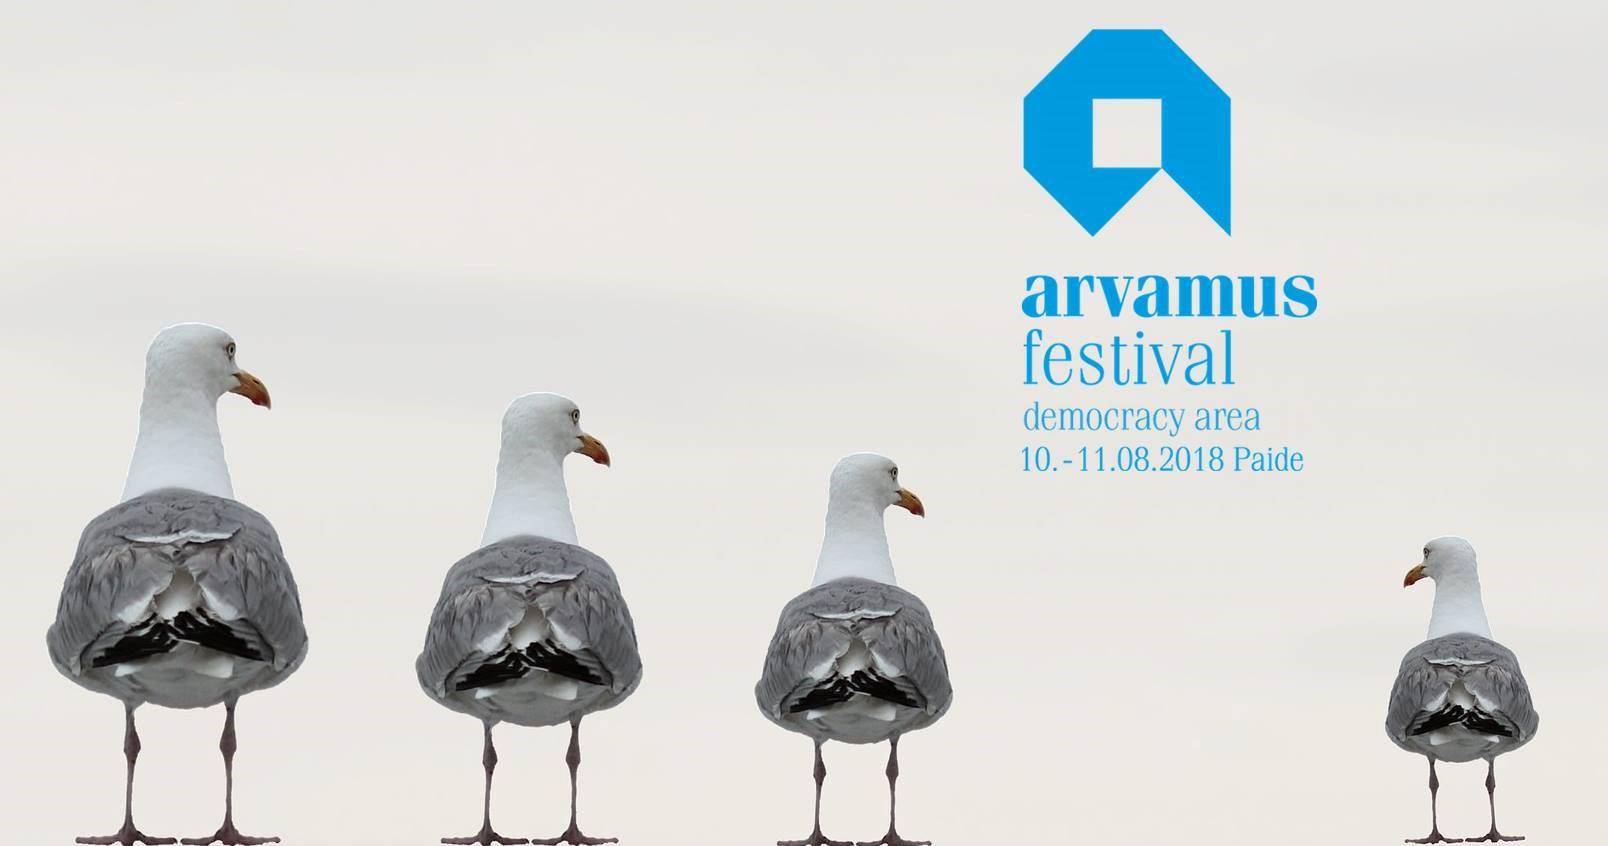 Image for Eesti Välispoliitika Instituut Arvamusfestivalil